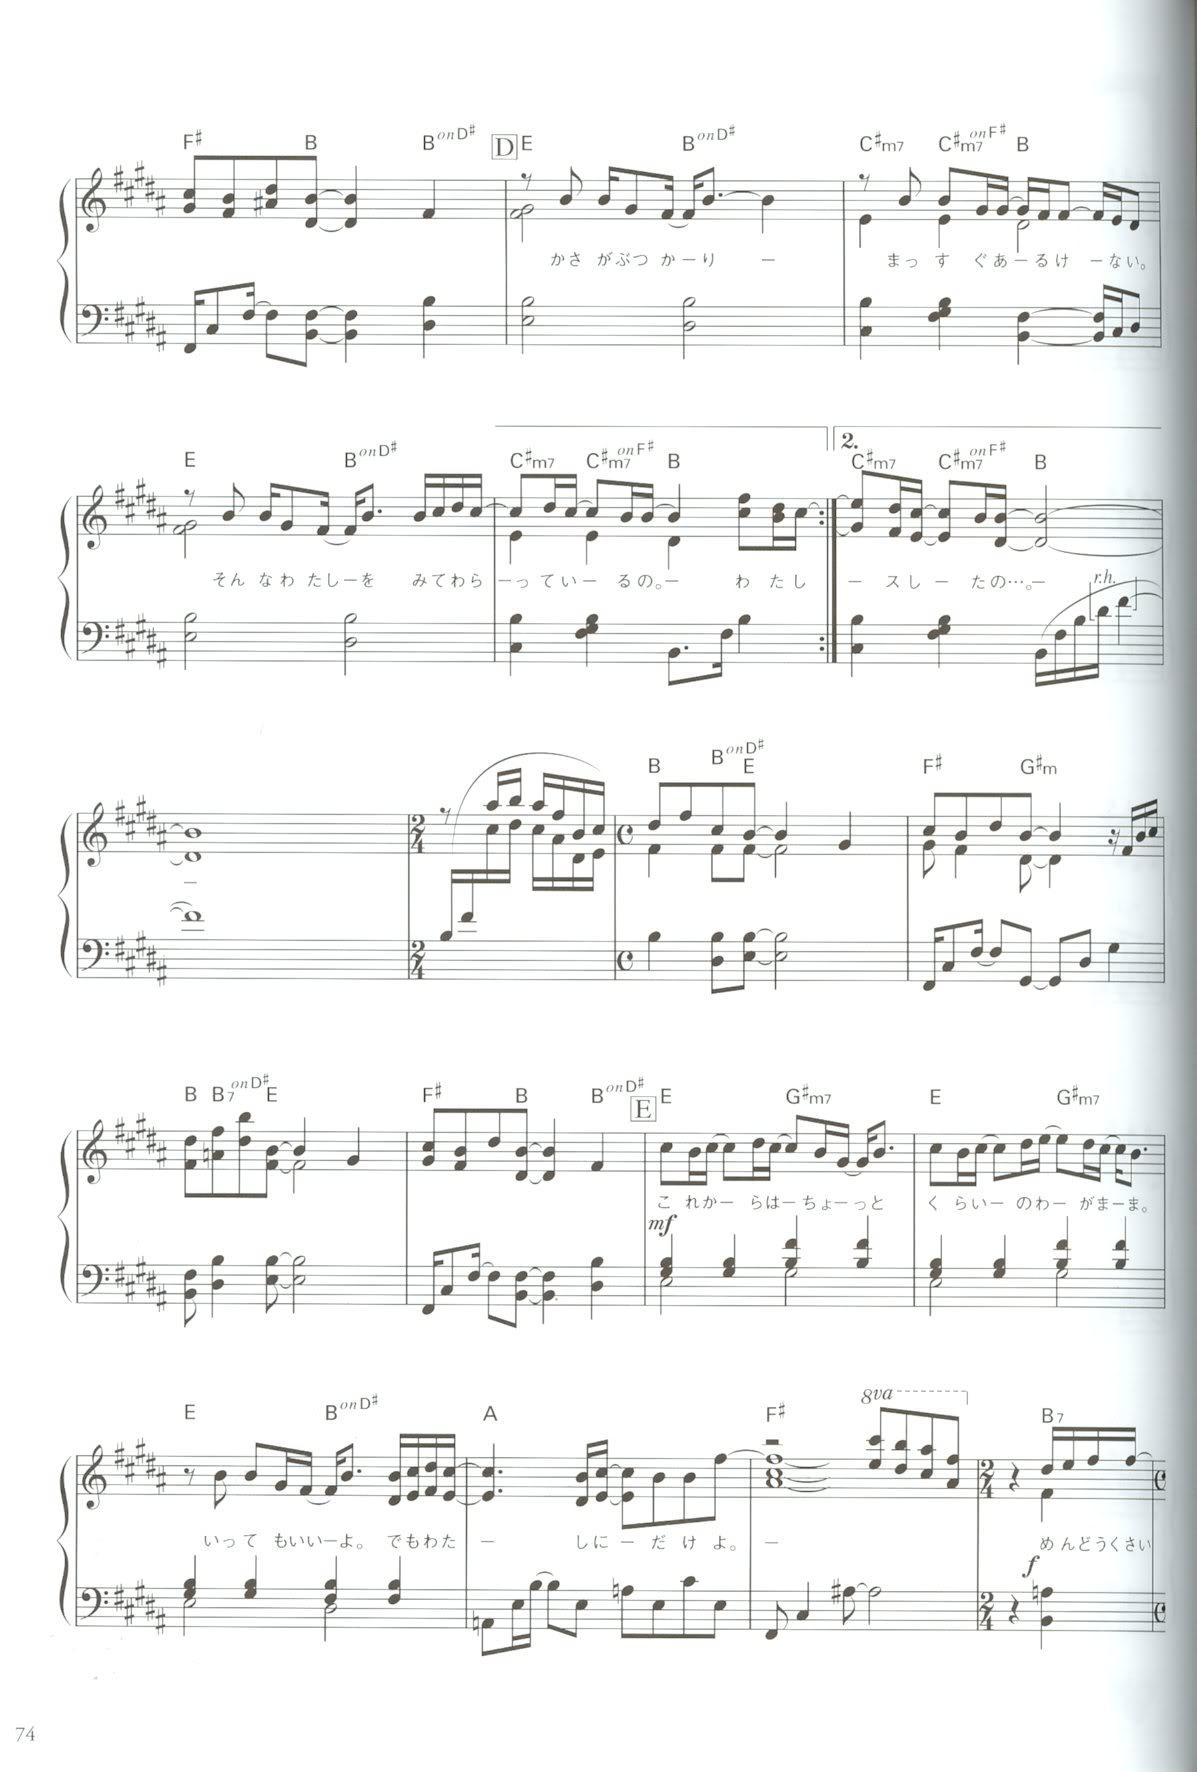 虹 之间 钢琴 谱 单 手 爱情 公寓 吉他 谱 好 曲谱 网